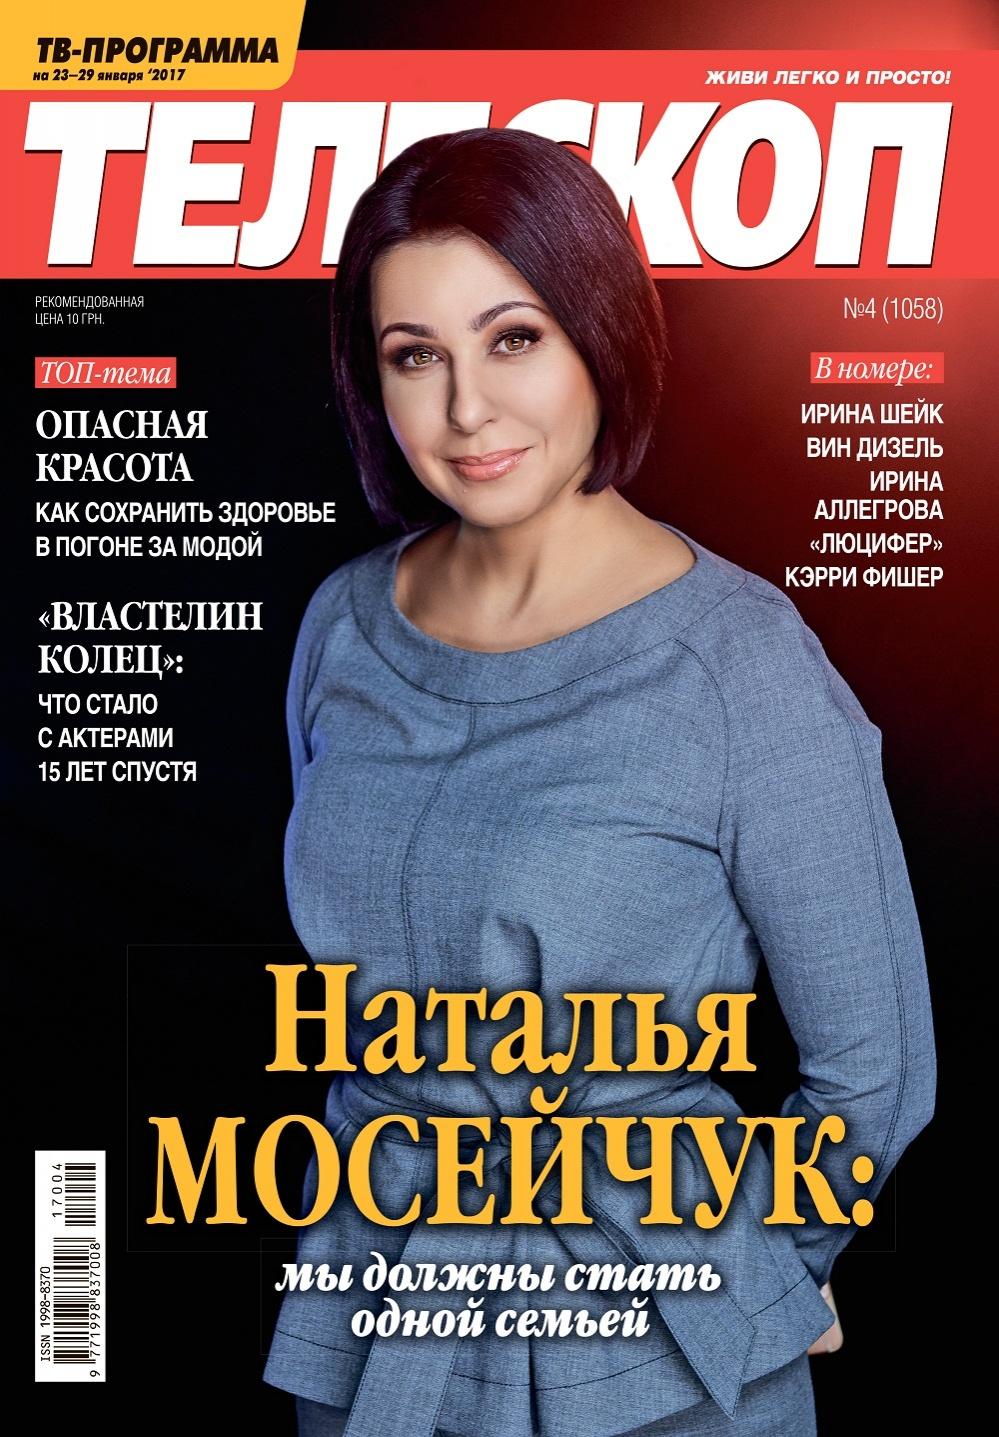 natalya-moseychuk-my-dolzhny-stat-odnoy-semey